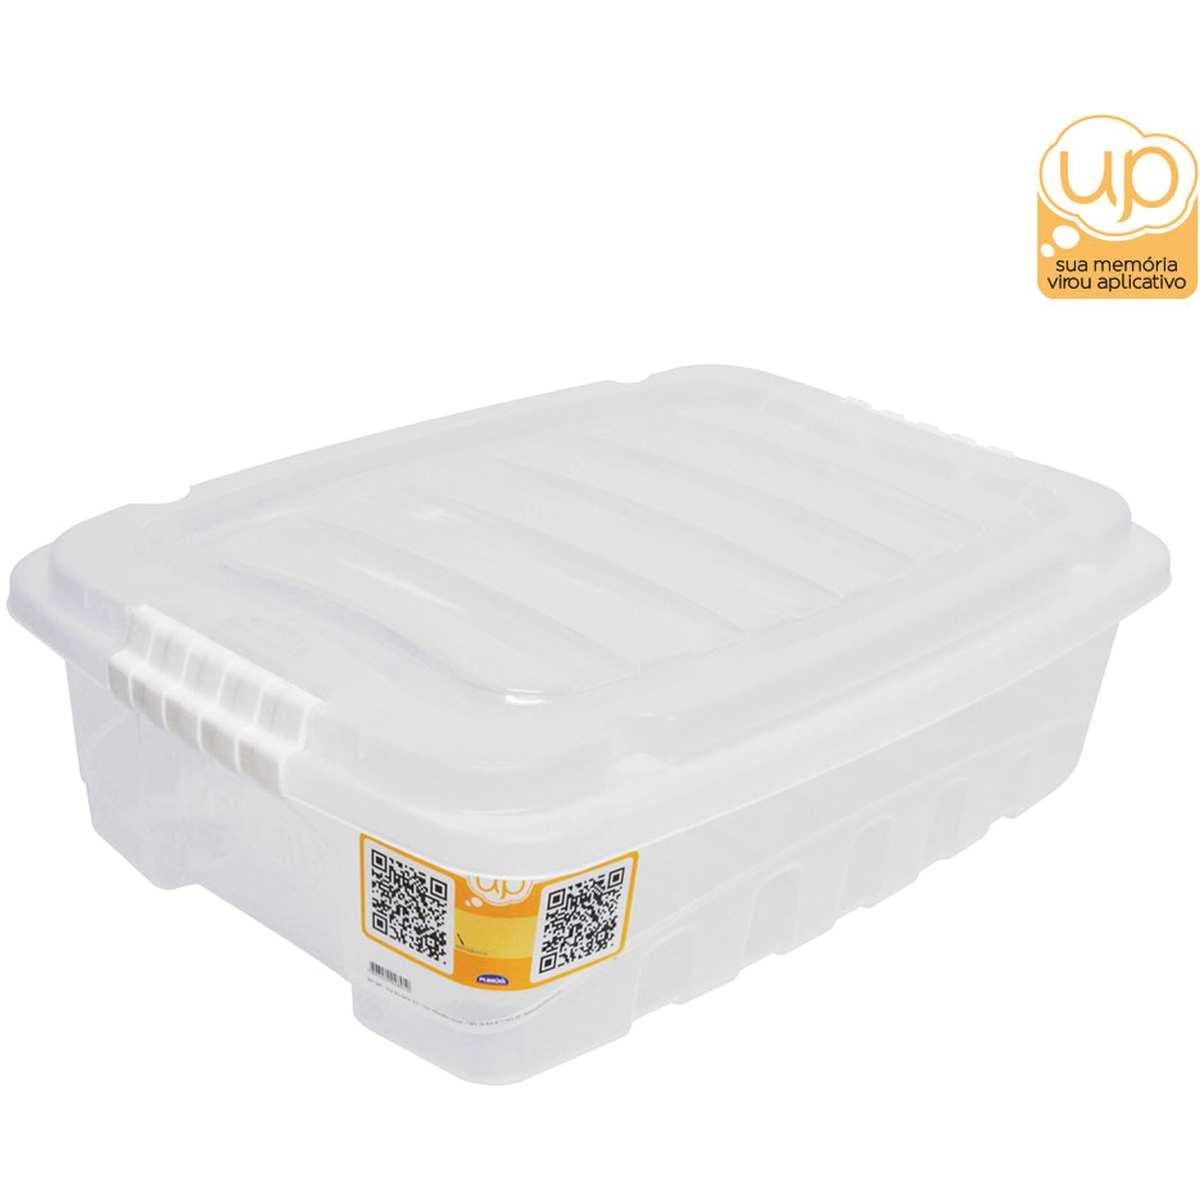 CAIXA PLASTICA MULTIUSO GRAN BOX BAIXA INCOLOR 13,7L